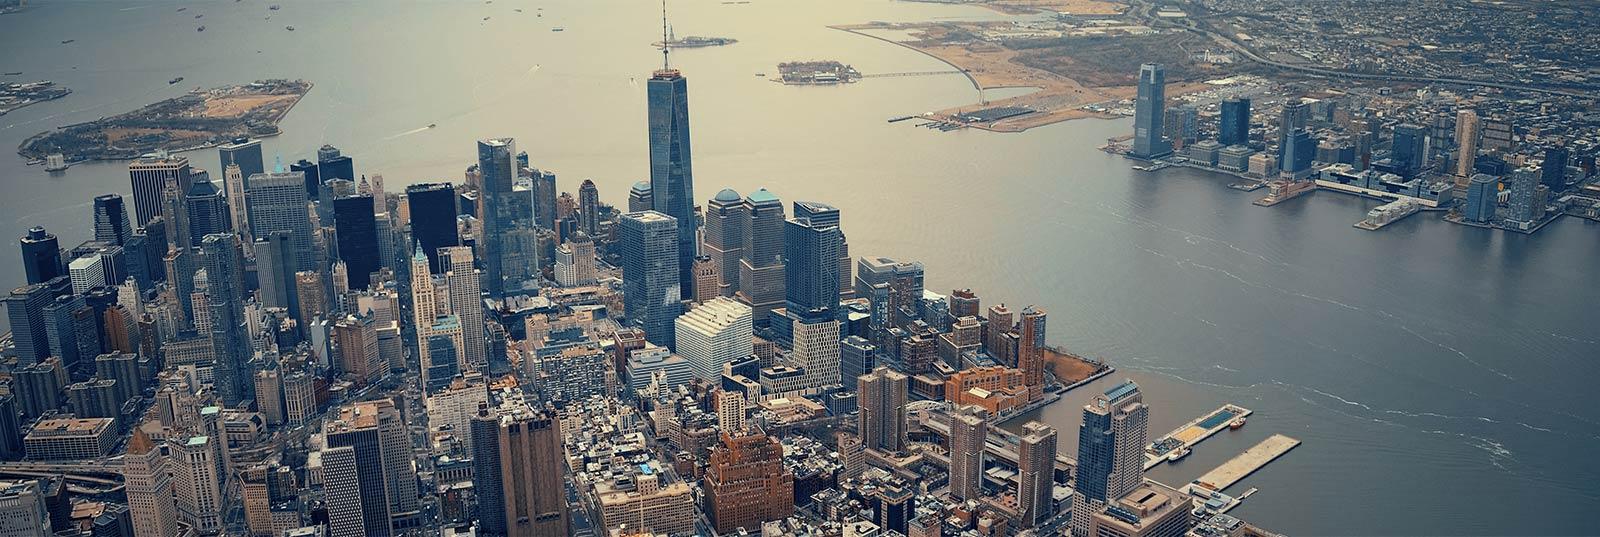 Vuelos baratos a Nueva York desde Buenos Aires por ARS 19.360 finales